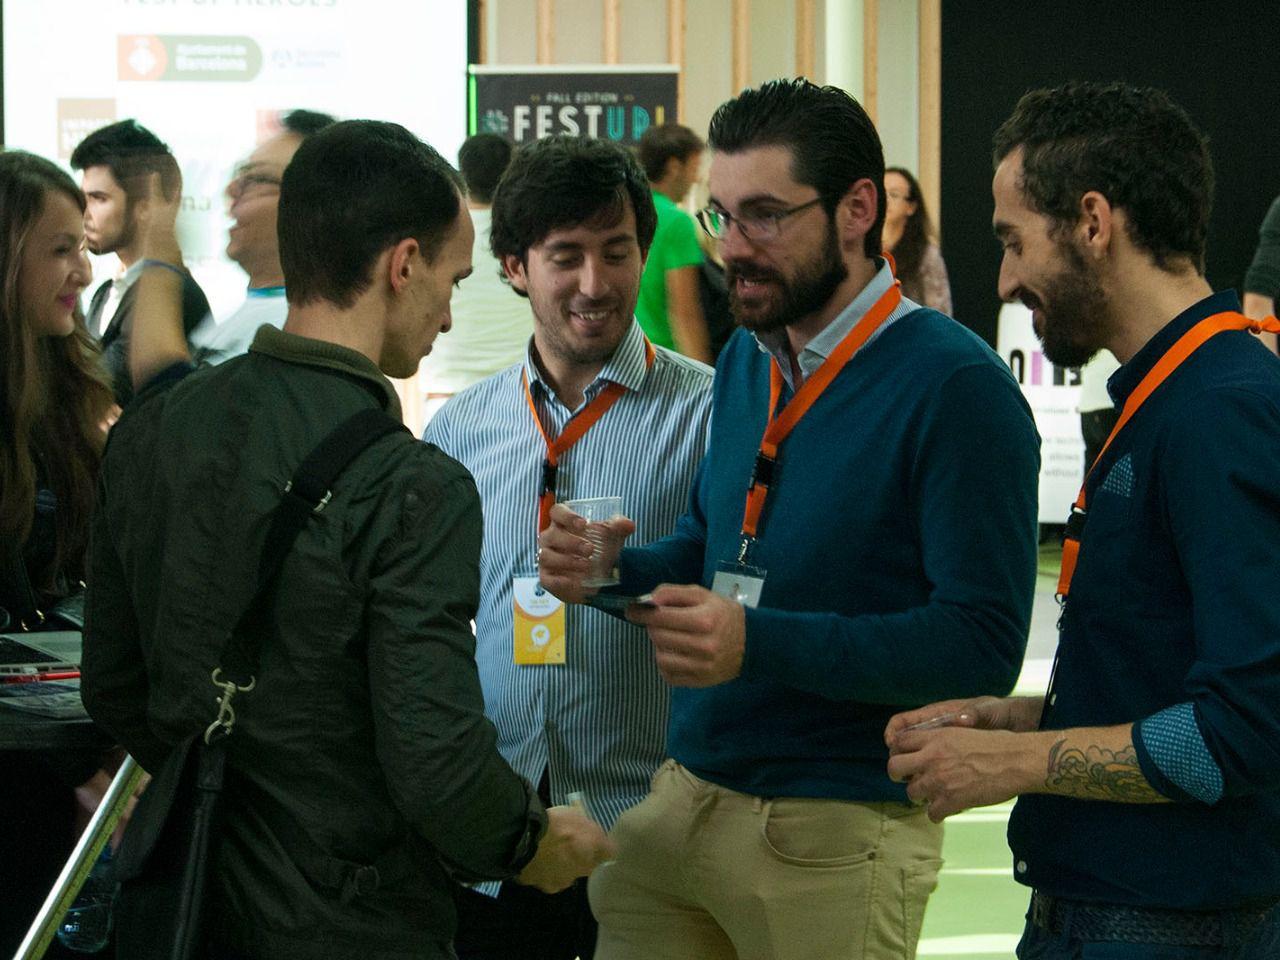 Más de 600 personas se dan cita en el festival de emprendedores de Barcelona